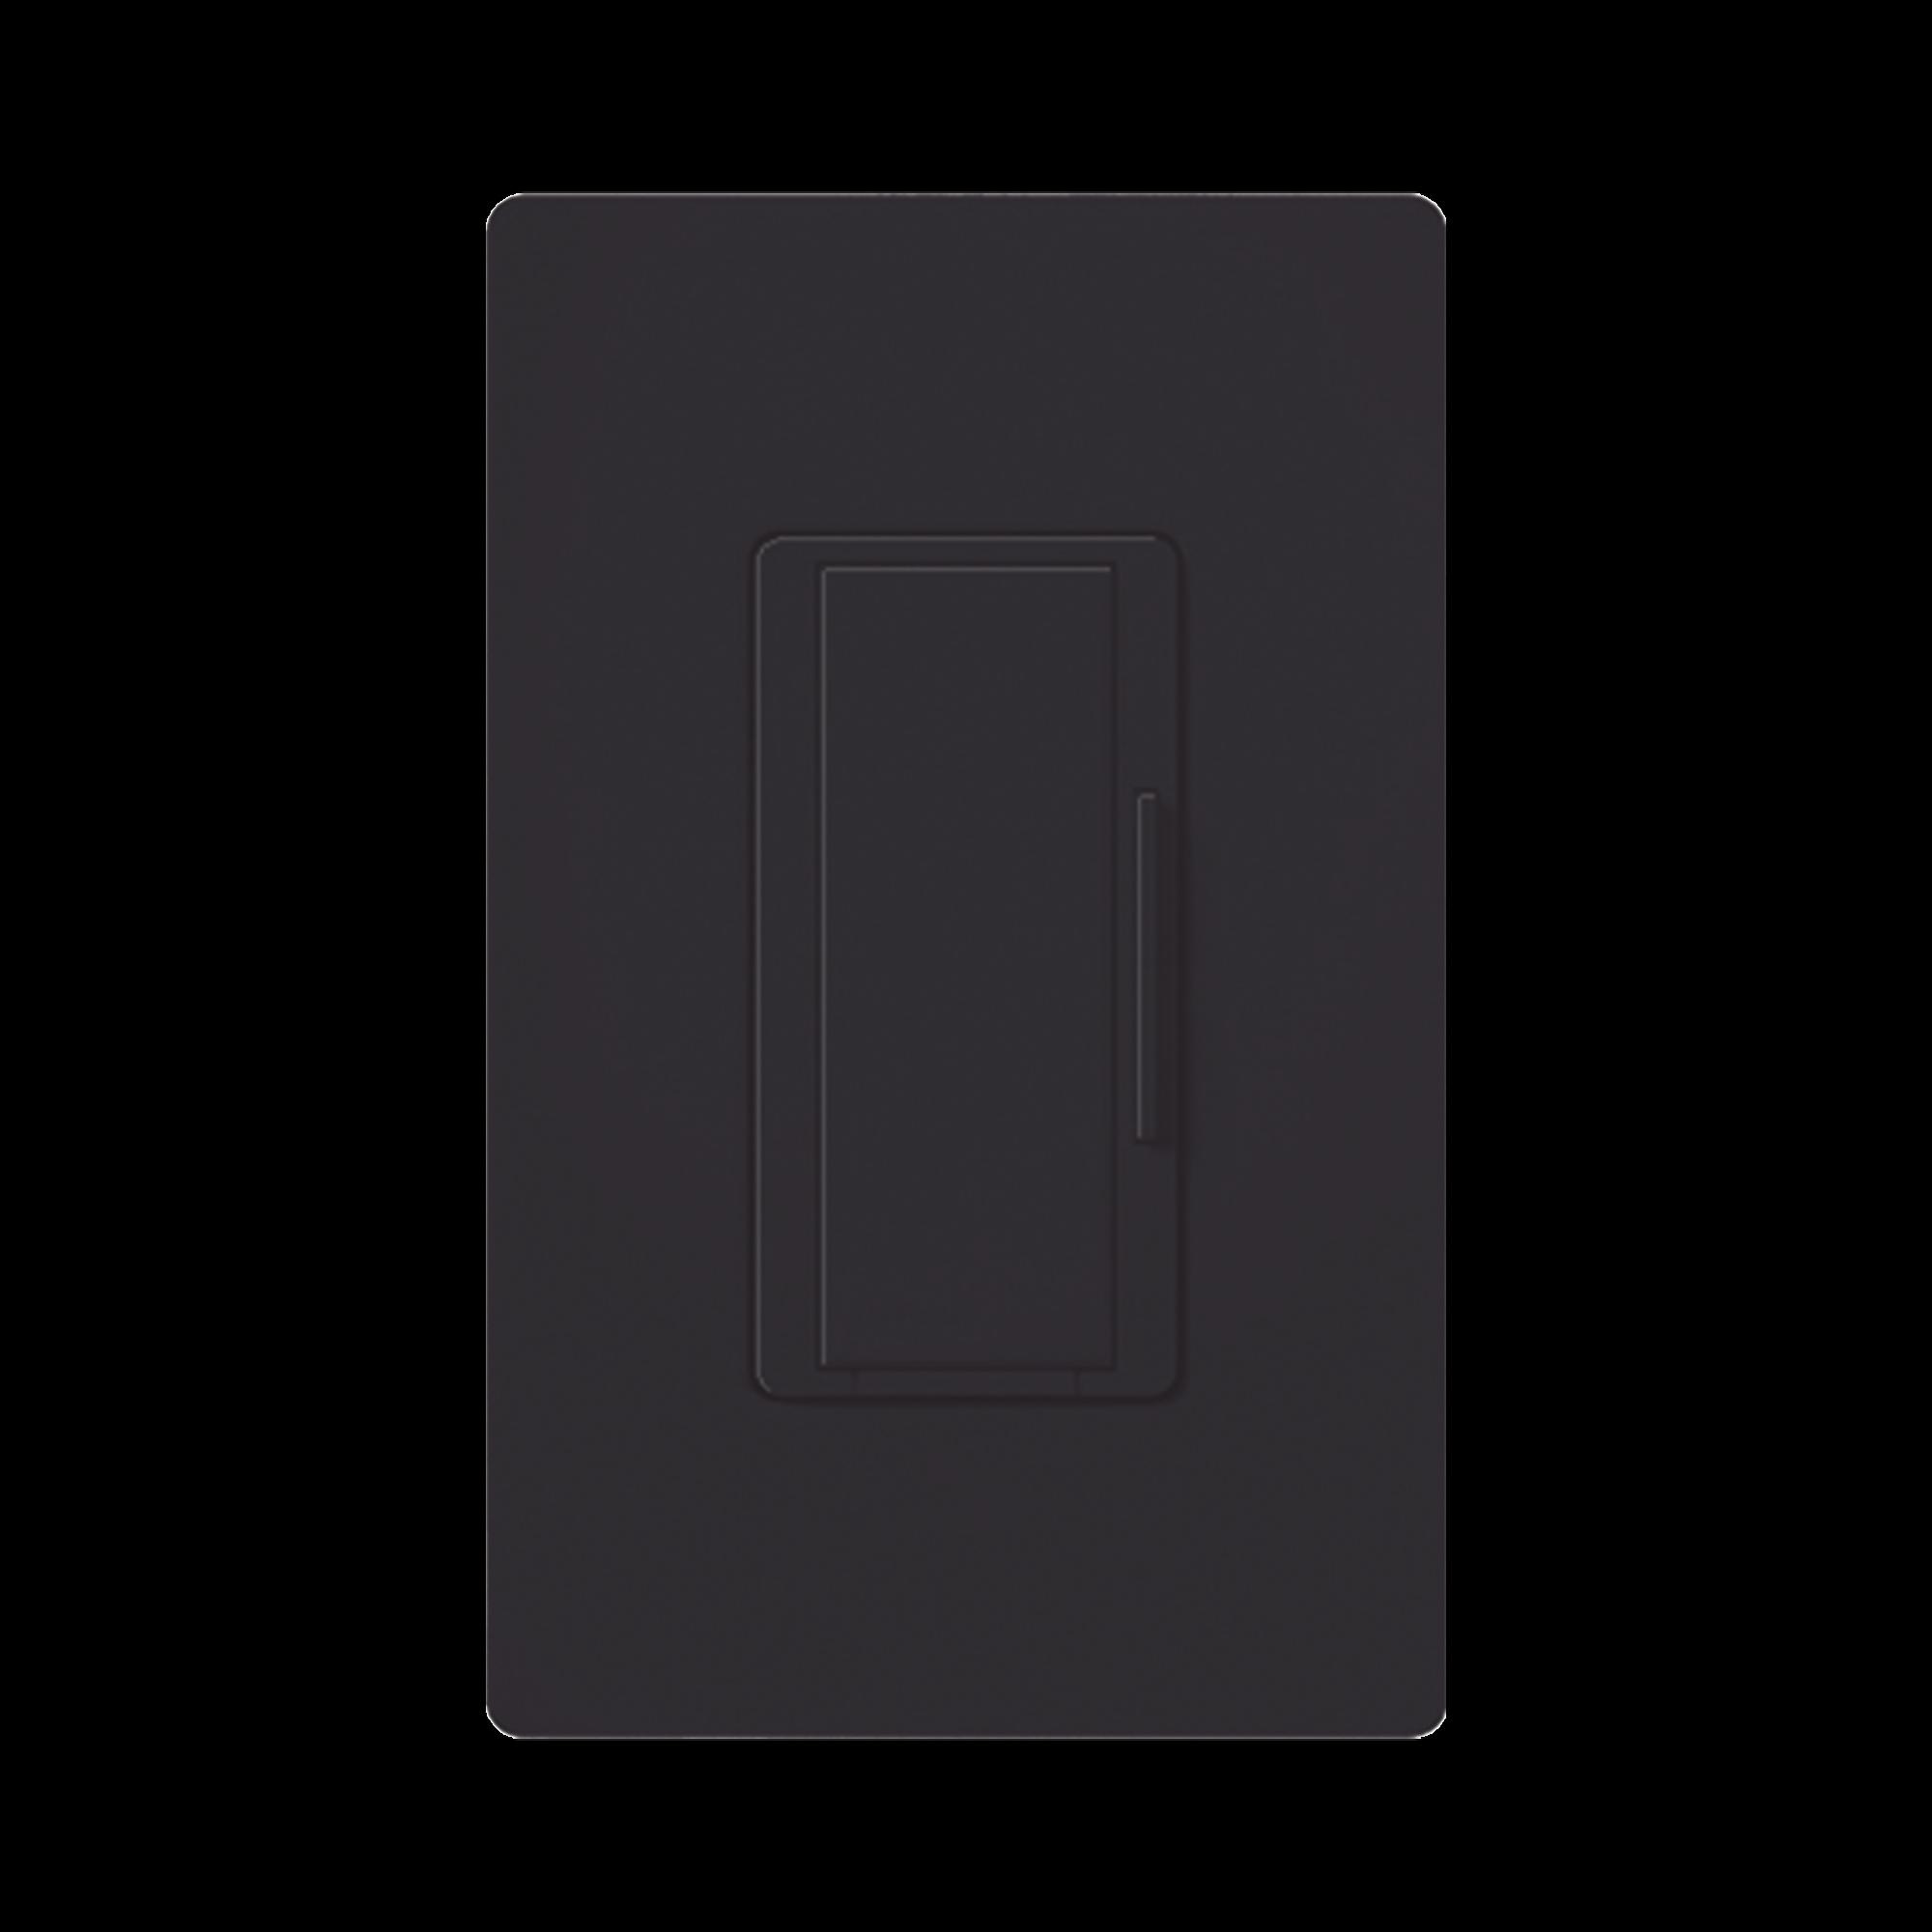 Atenuador (dimmer) Auxiliar de pared, compañero de atenuadores multilocación color negro